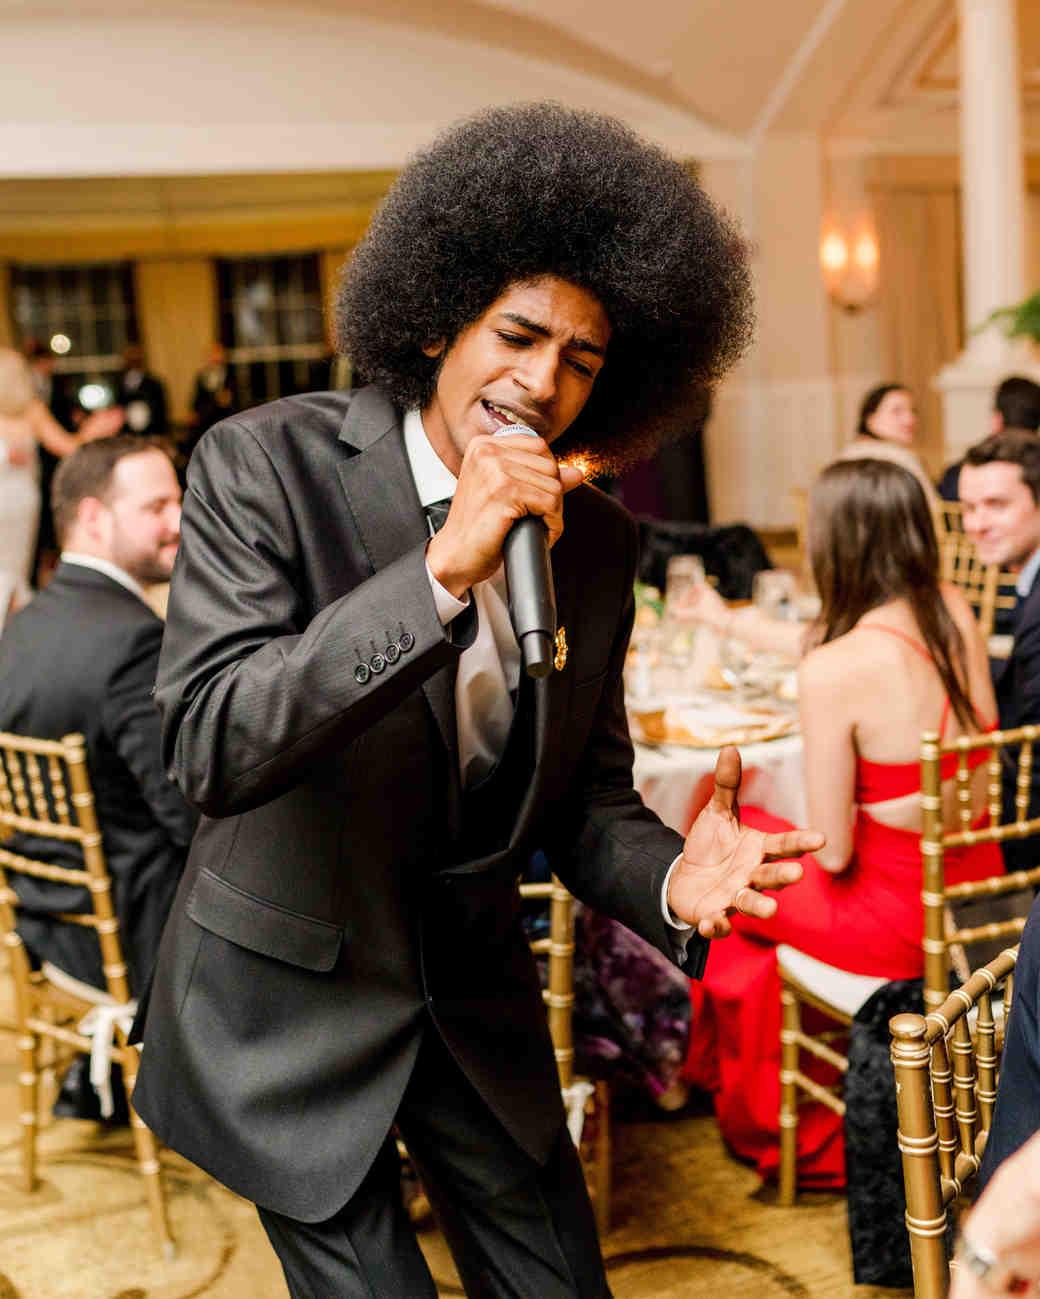 lauren christian christmas wedding band singer